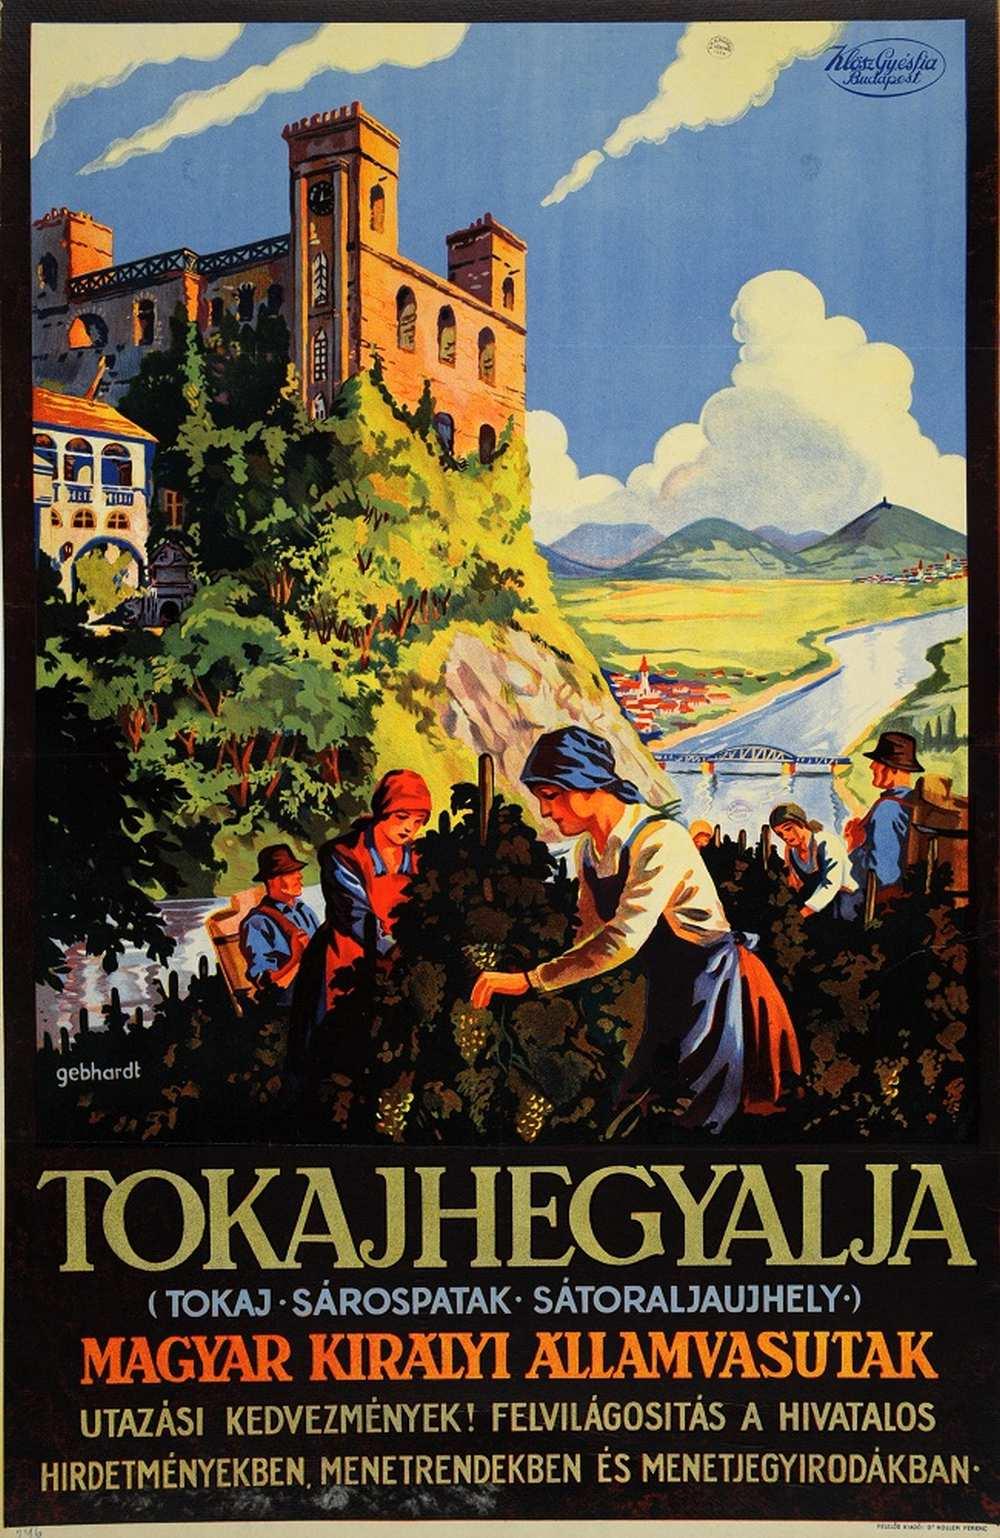 Gönczi Gebhardt Tibor: Tokajhegyalja (Tokaj Sárospatak Sátoraljaújhely) (1927). Jelzet: PKG.1927/192 – Térkép-, Plakát- és Kisnyomtatványtár http://nektar.oszk.hu/hu/manifestation/2867806